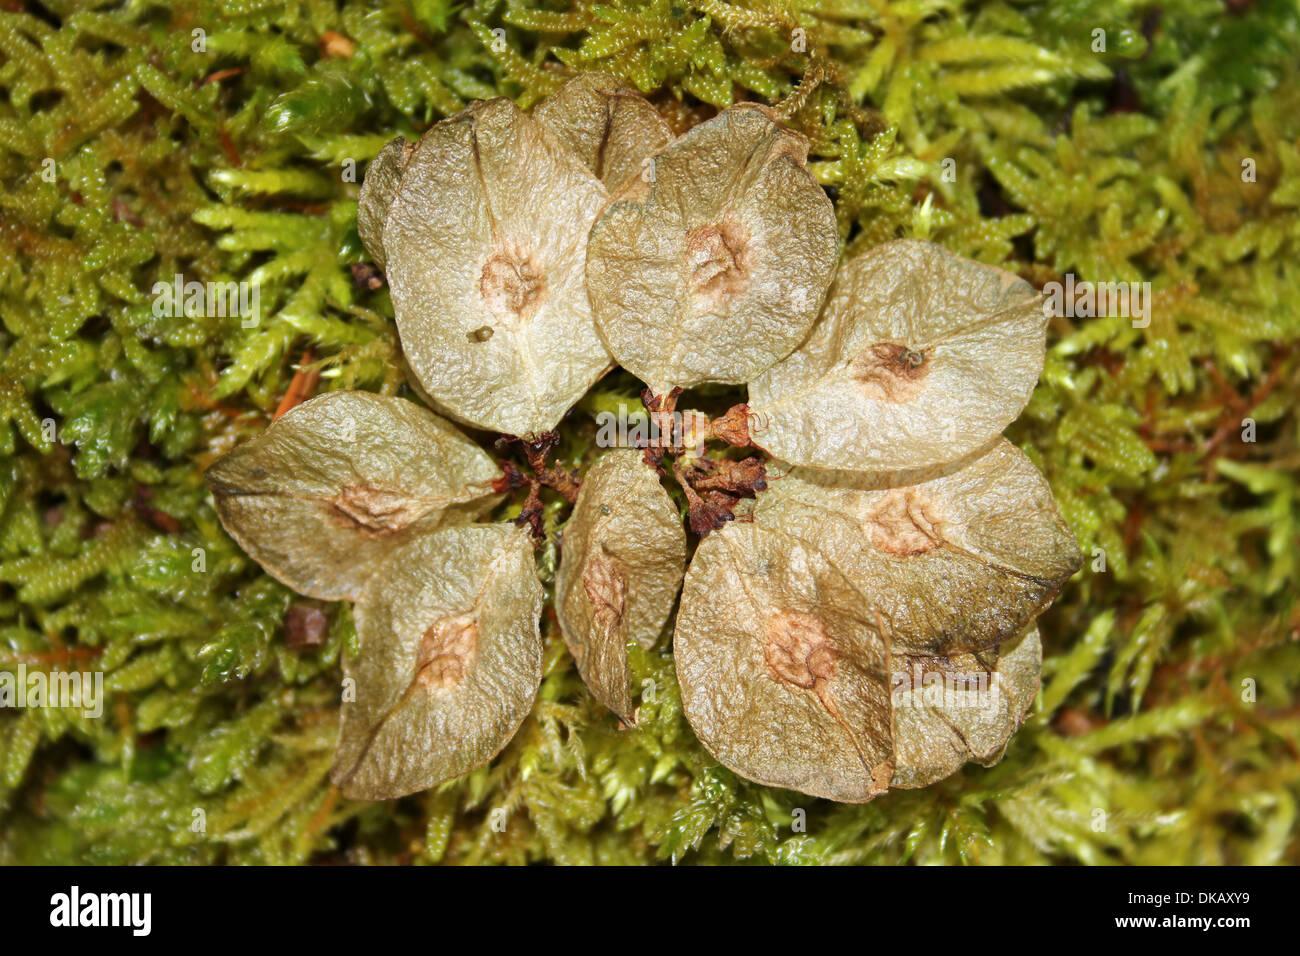 Wych Elm Seeds Ulmus glabra - Stock Image